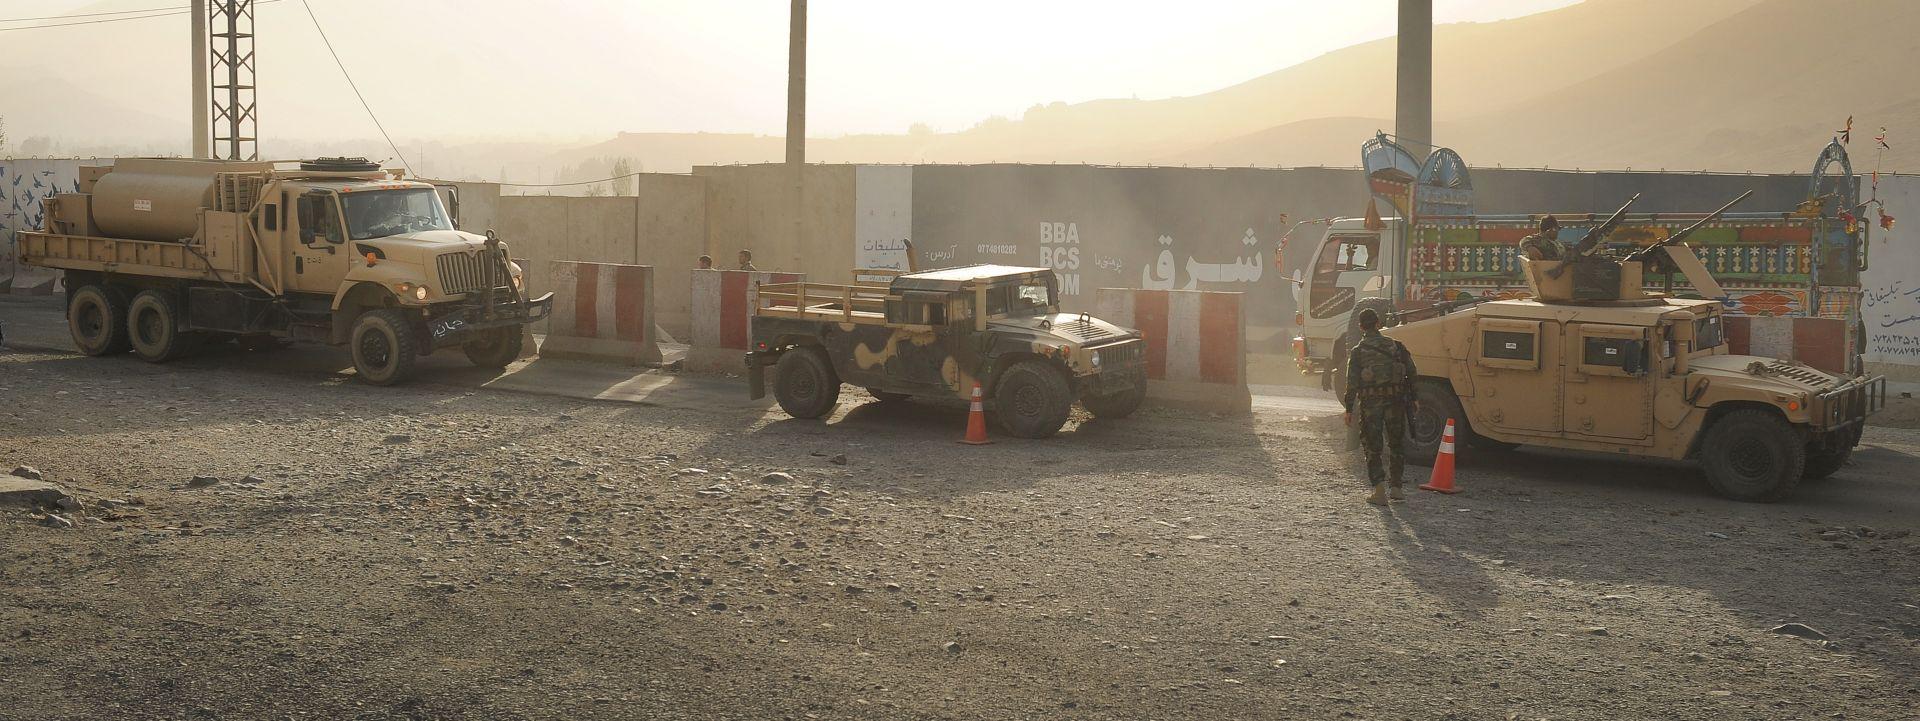 Deseci mrtvih u talibanskom napadu na afganistanske snage sigurnosti